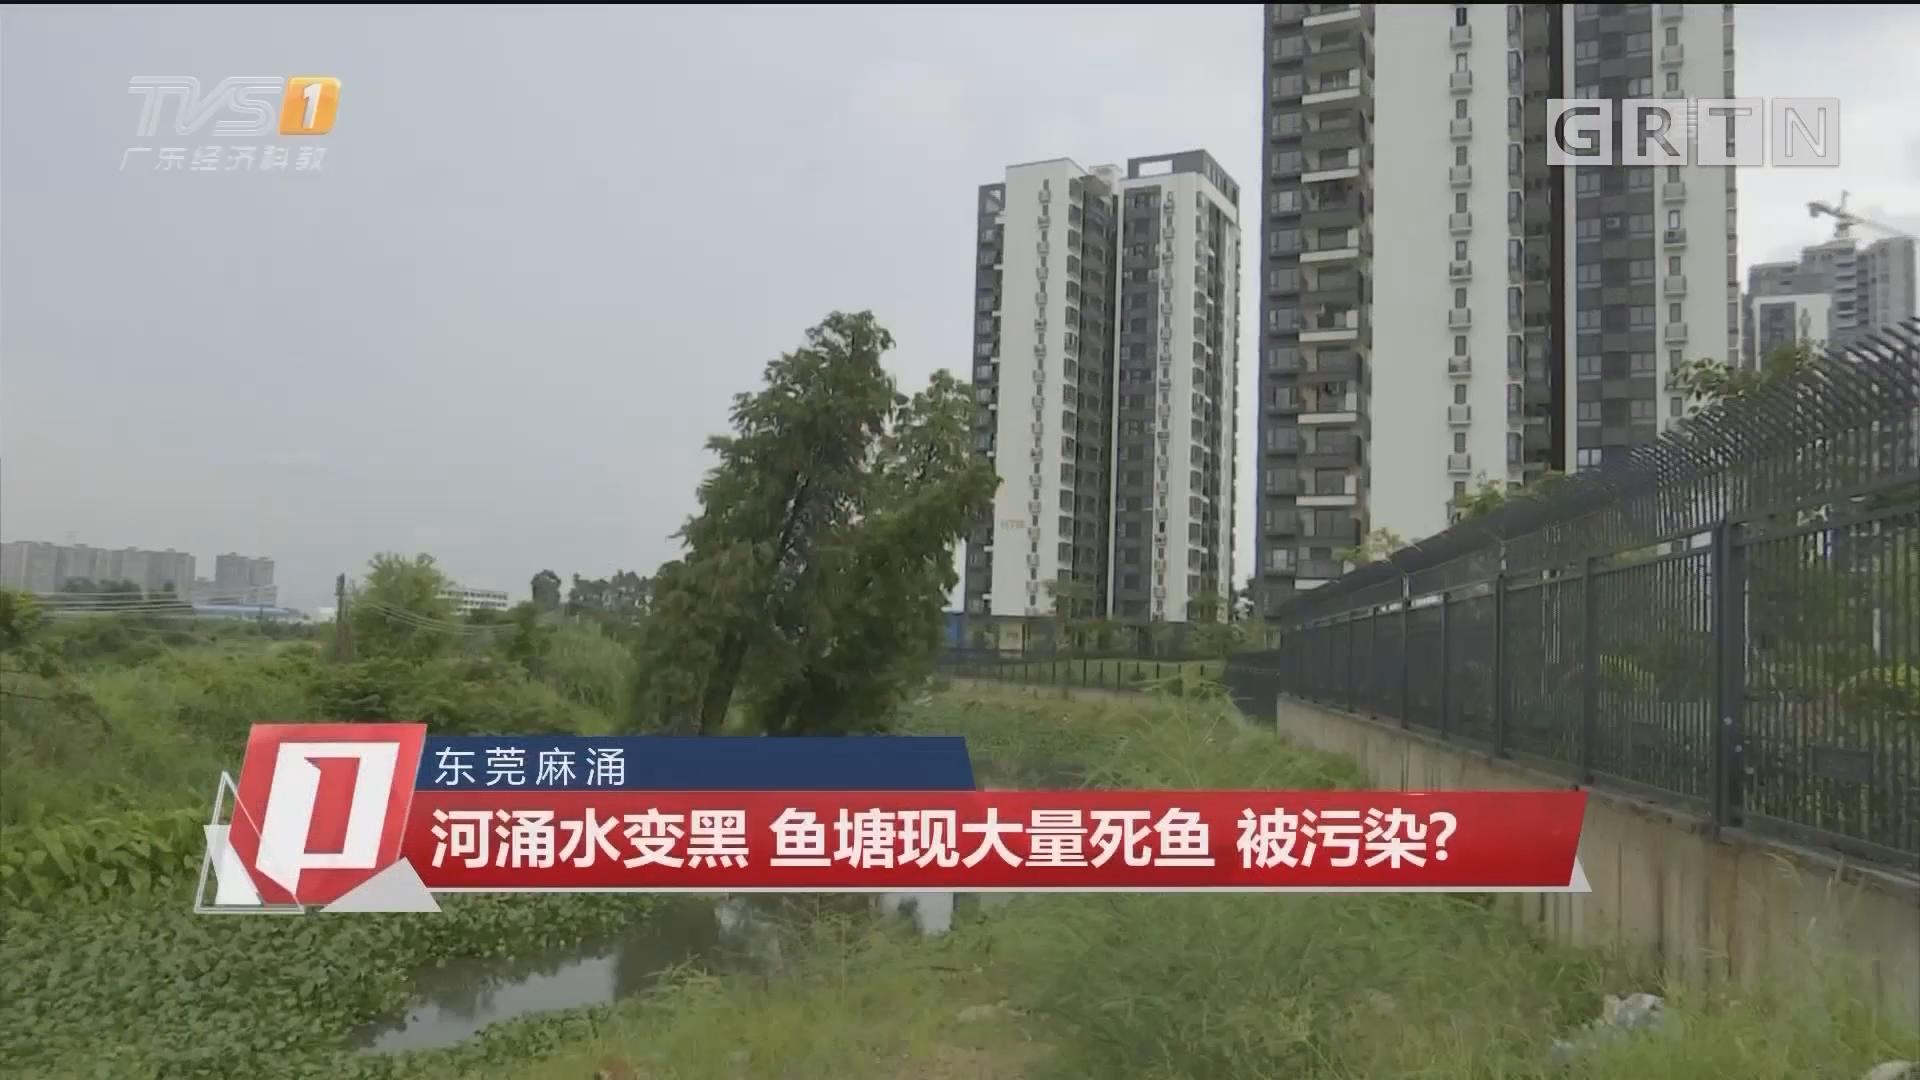 東莞麻湧:河湧水變黑 魚塘現大量死魚 被污染?